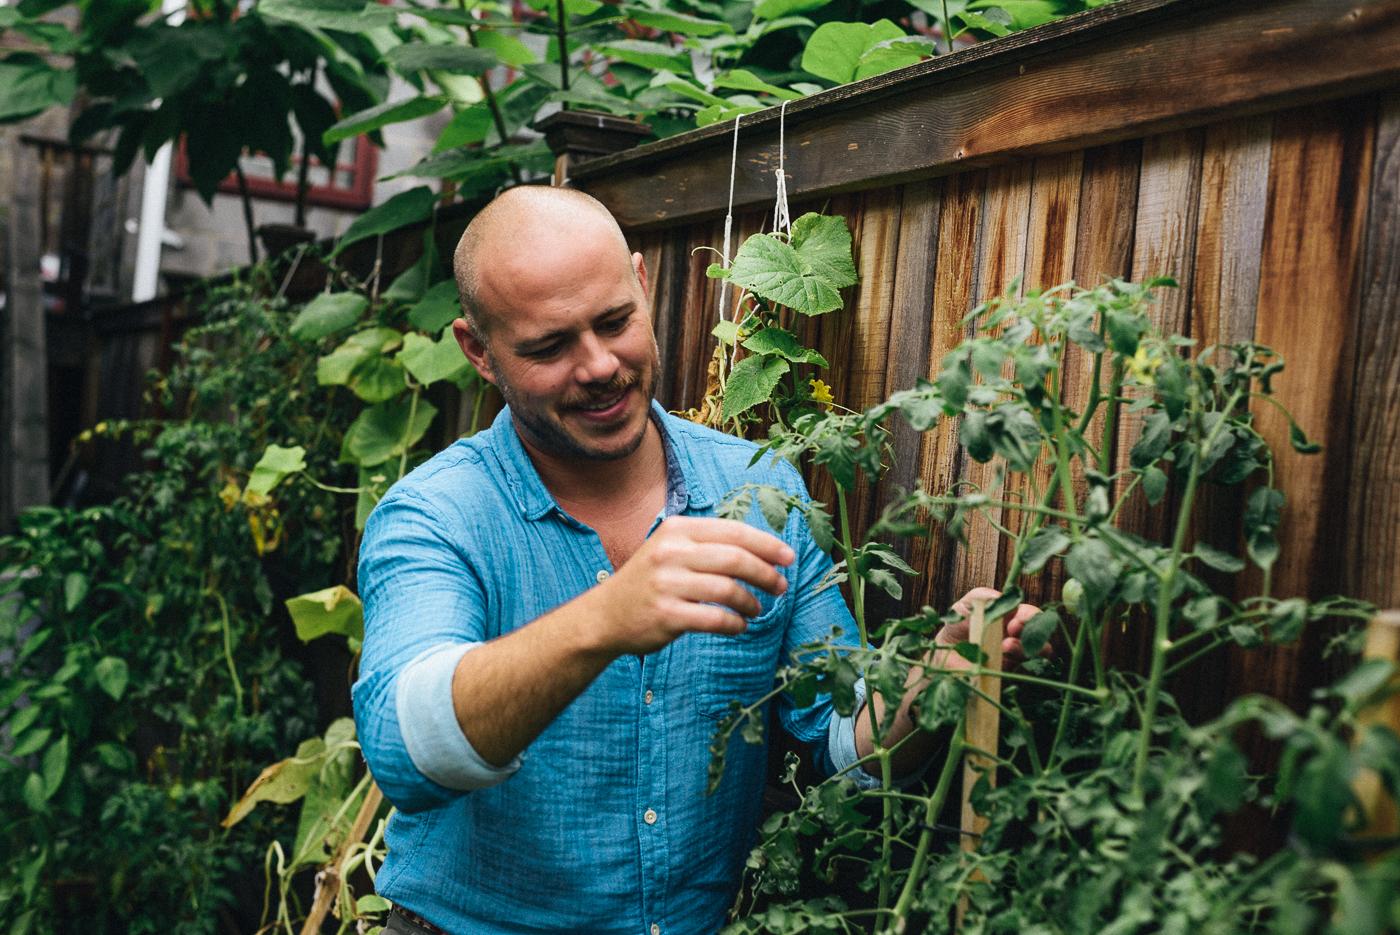 Chef Mathew Ramsey checks on heirloom tomato plants in his Washington, DC neighborhood.